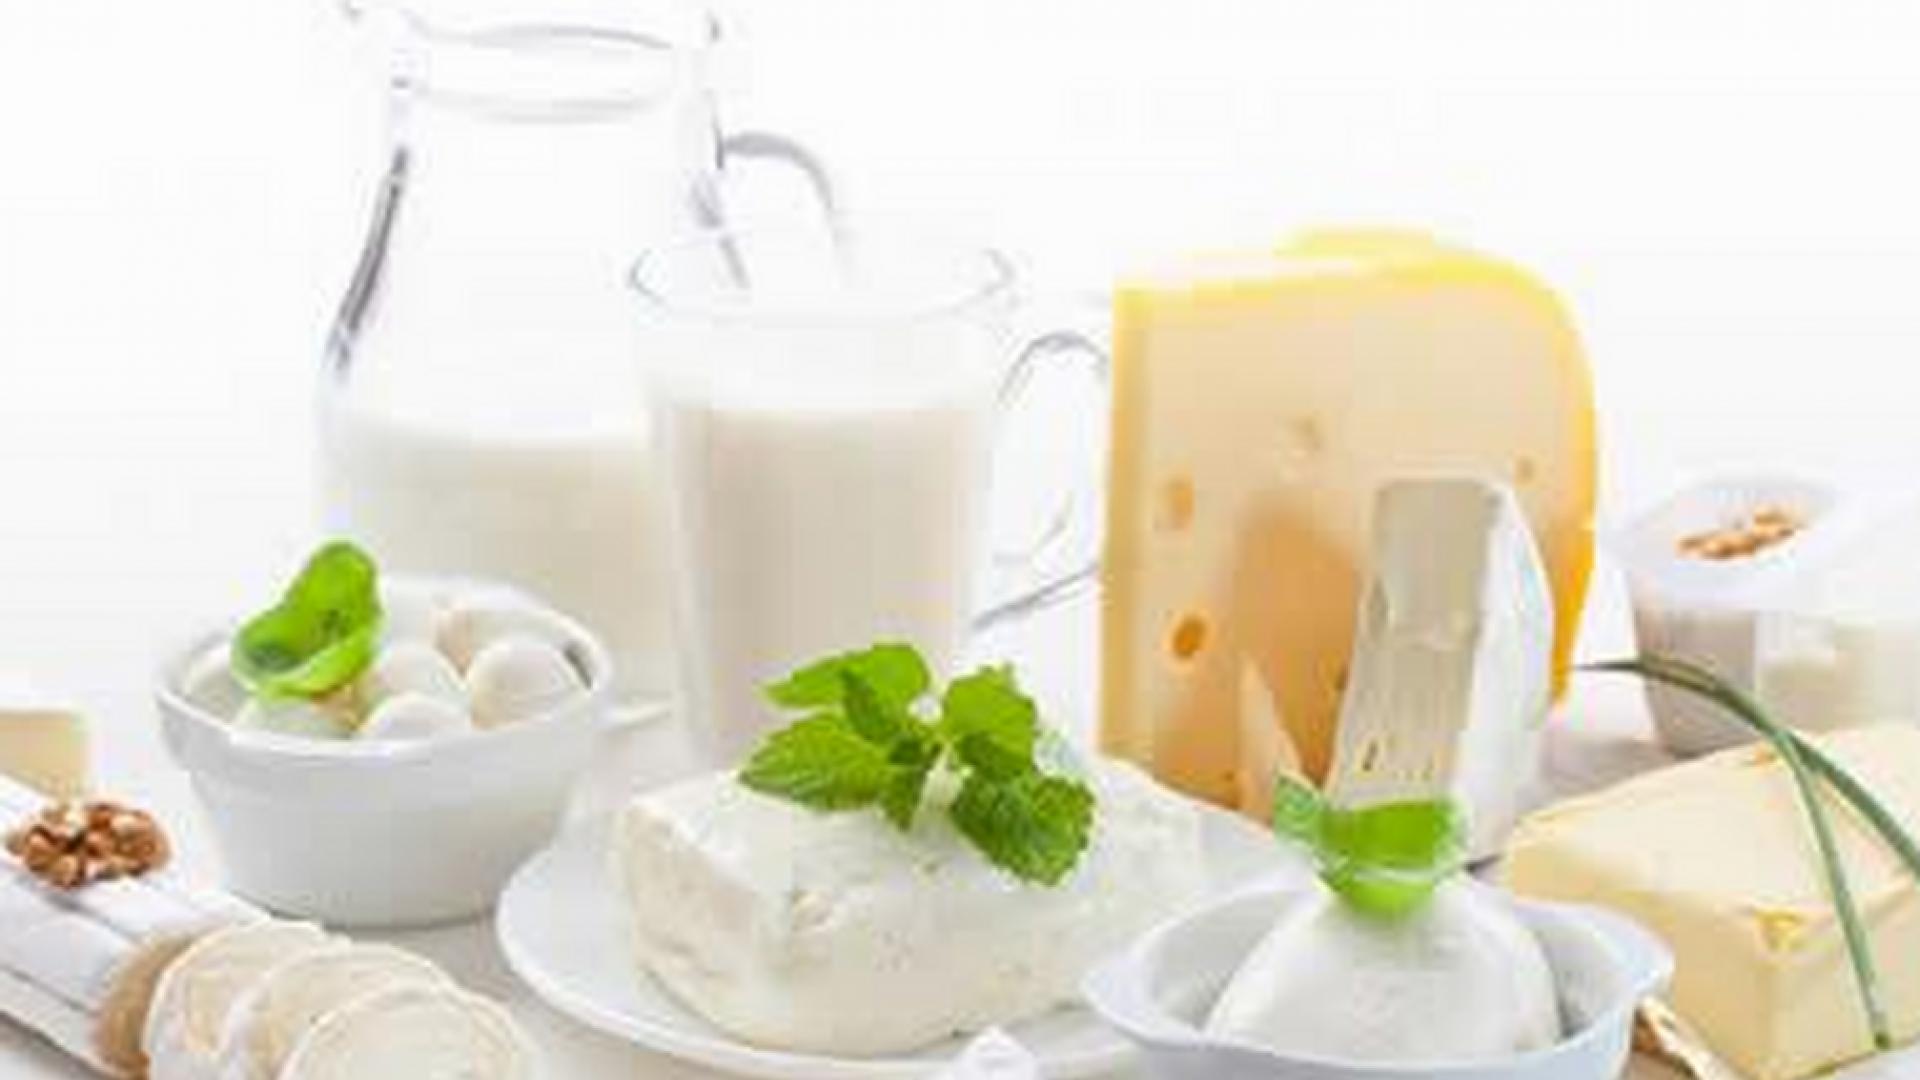 Сыр и кефир снижают риска развития рака груди у женщин